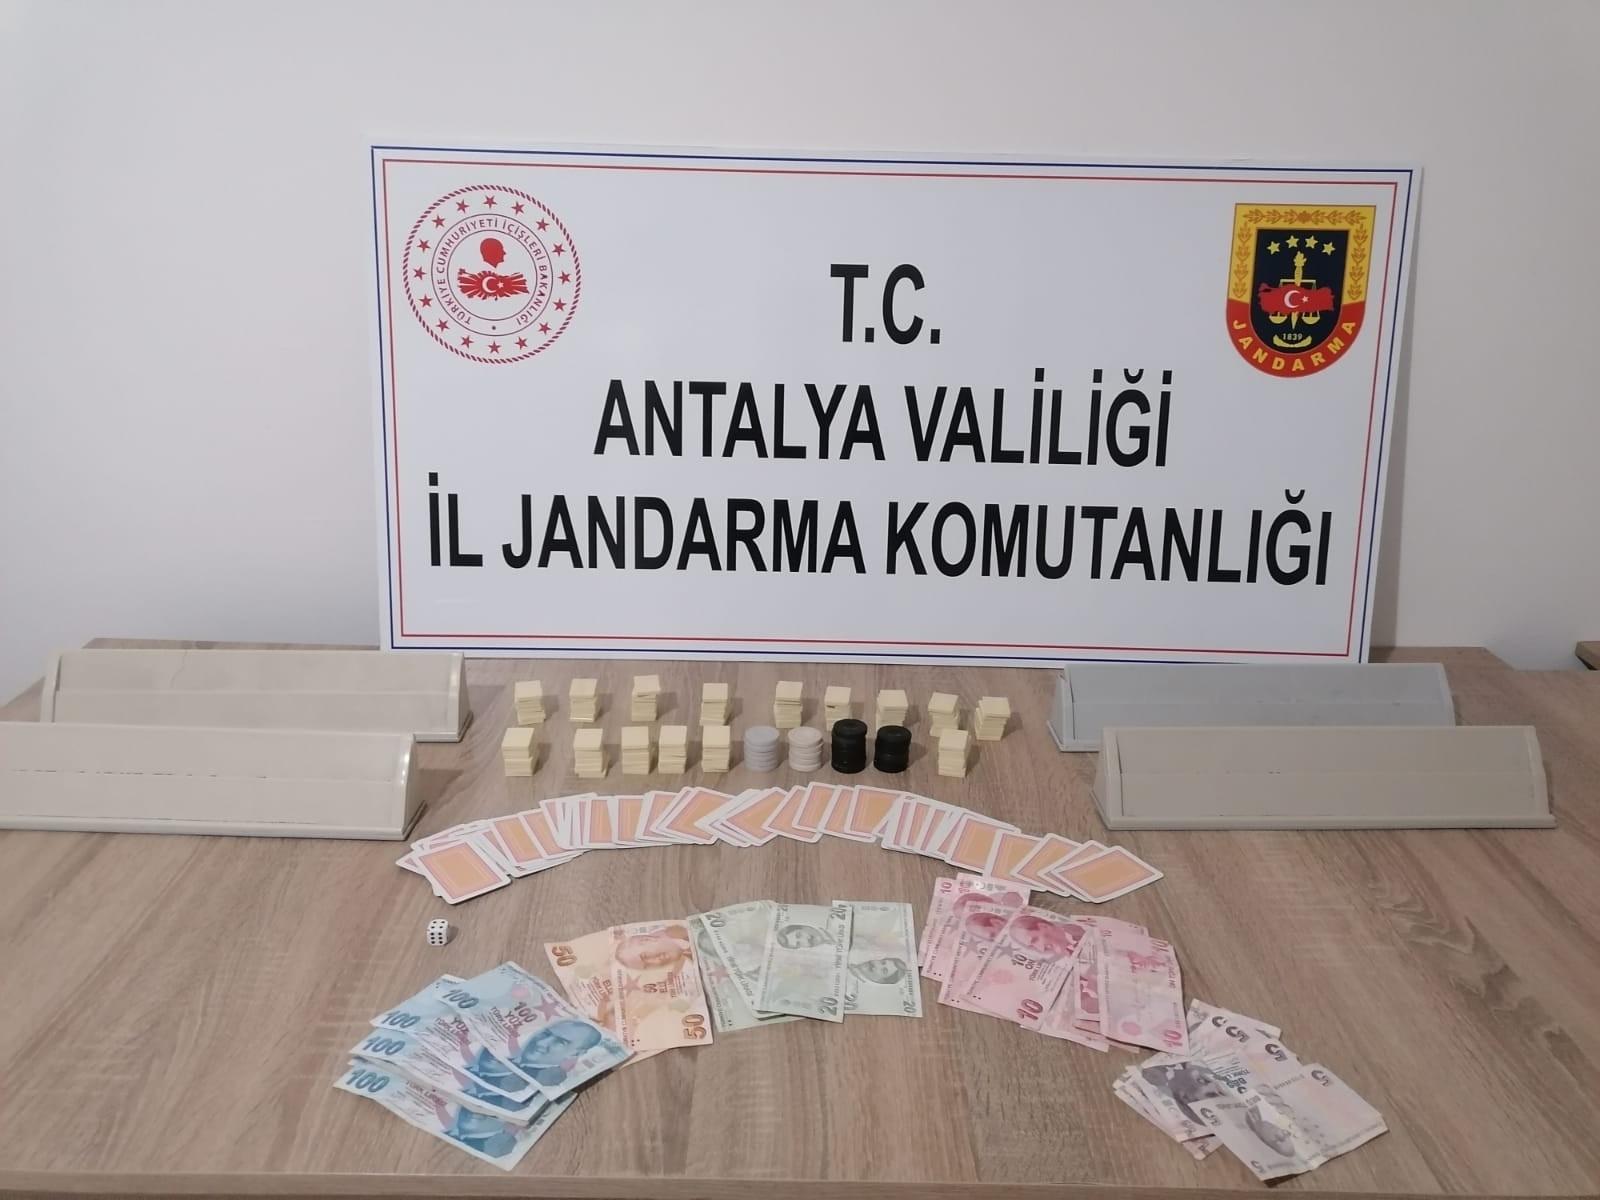 Antalya'da kumar oynatılan eve operasyon düzenlendi: 7 kişiye 37 bin 702 TL ceza